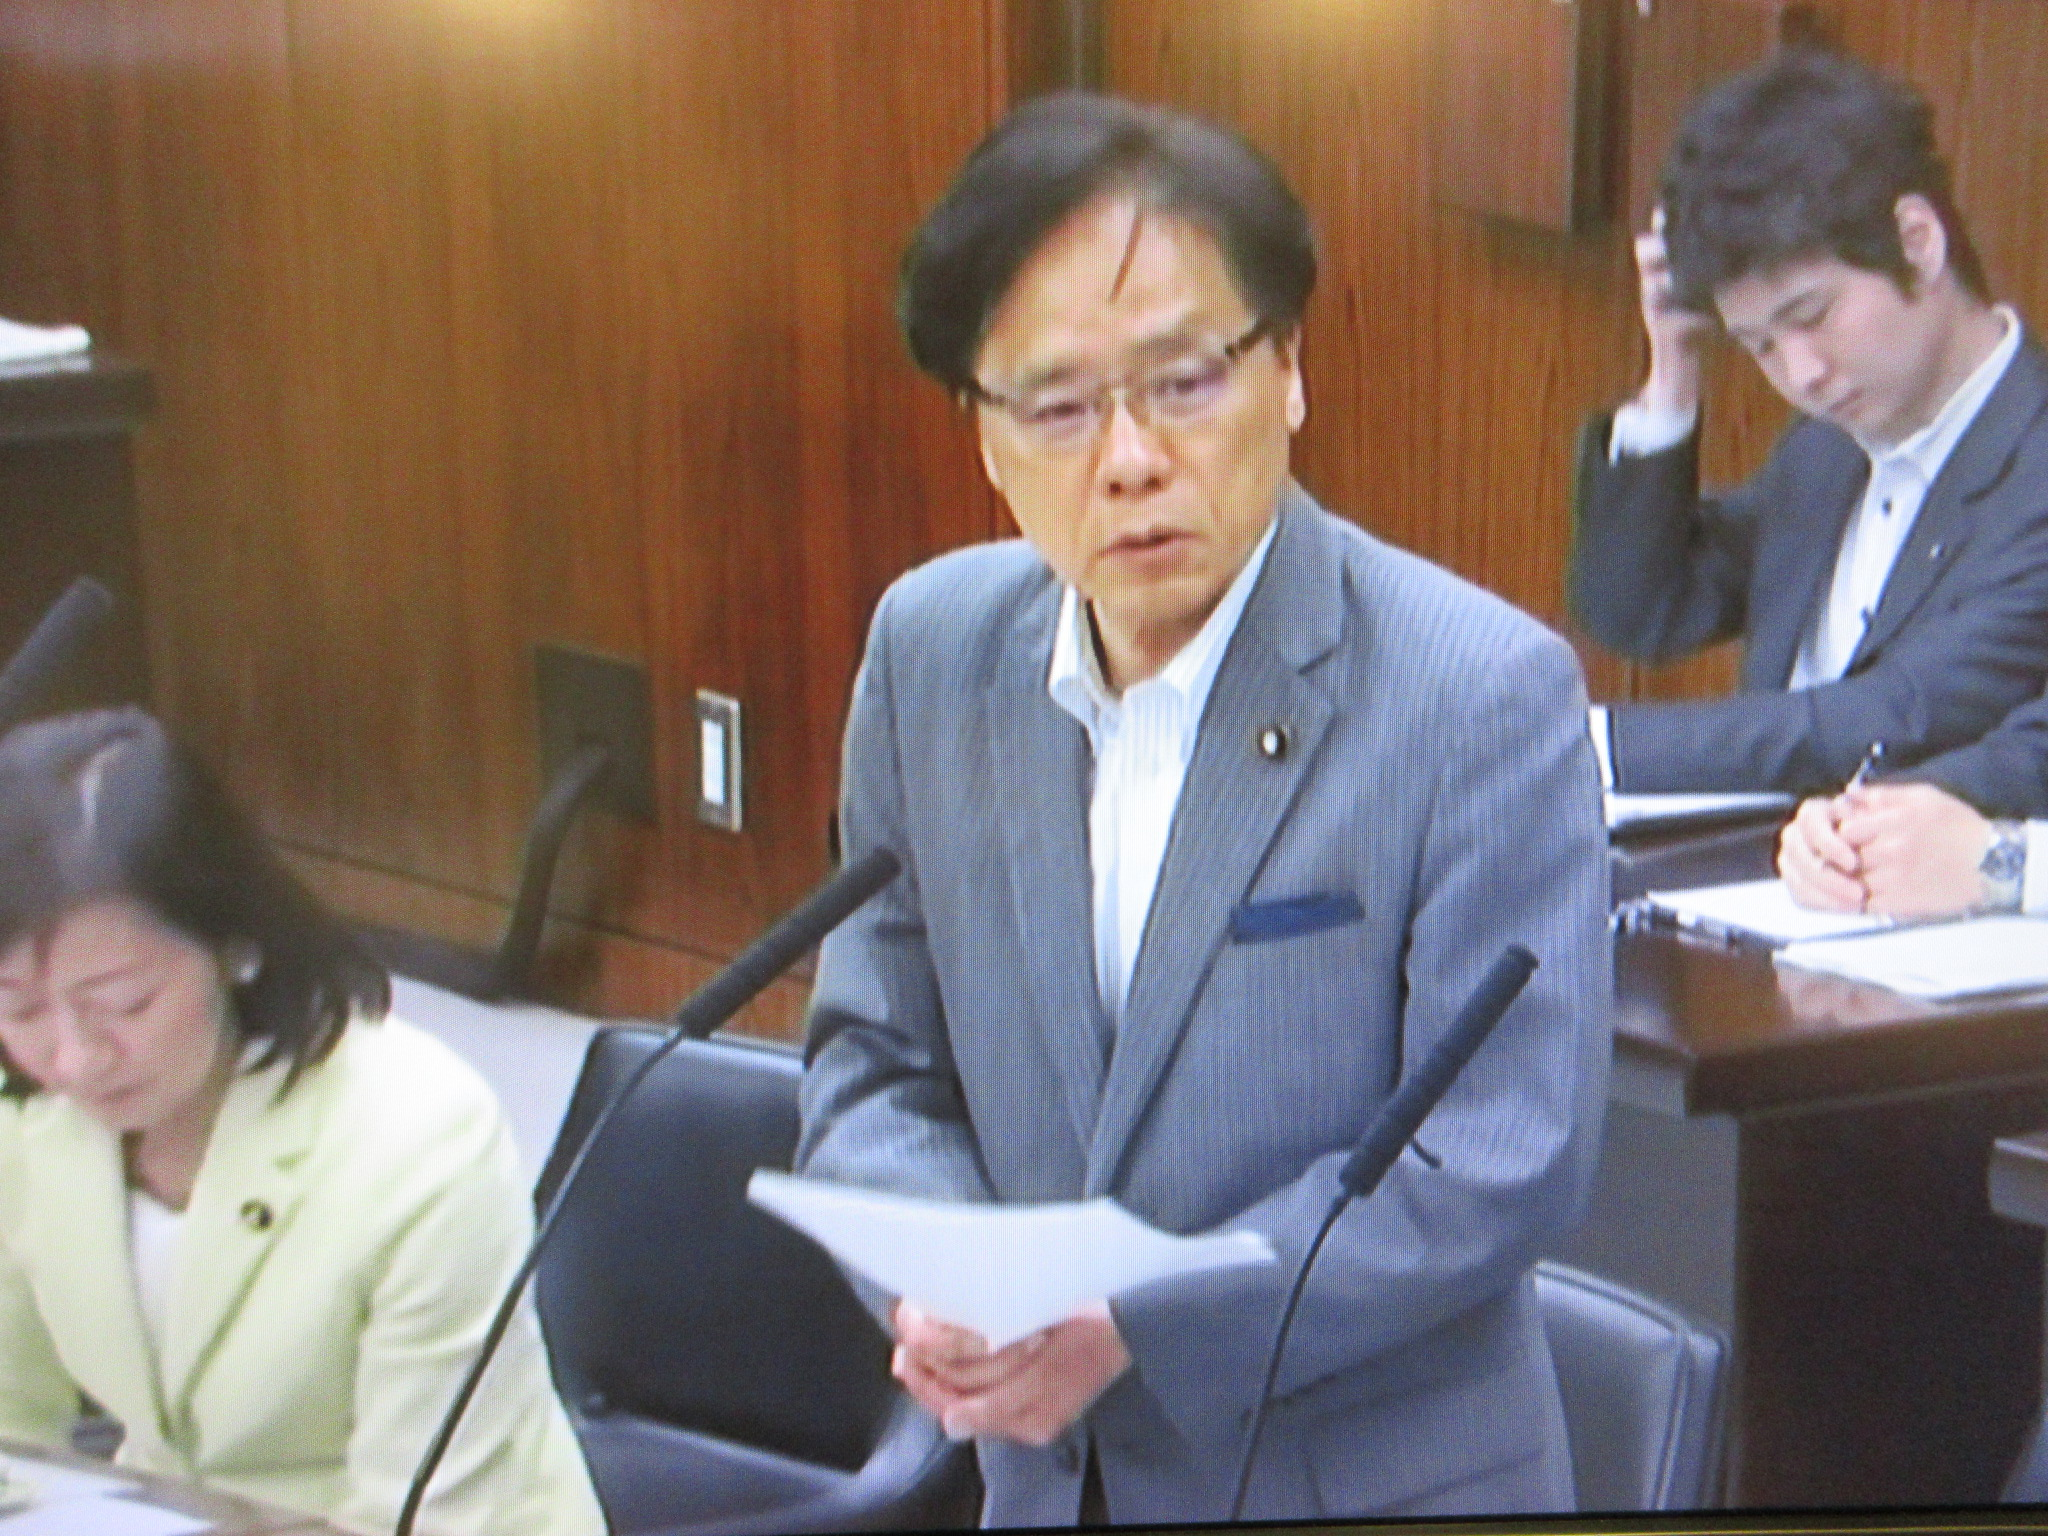 http://www.inoue-satoshi.com/diary/IMG_5184.JPG